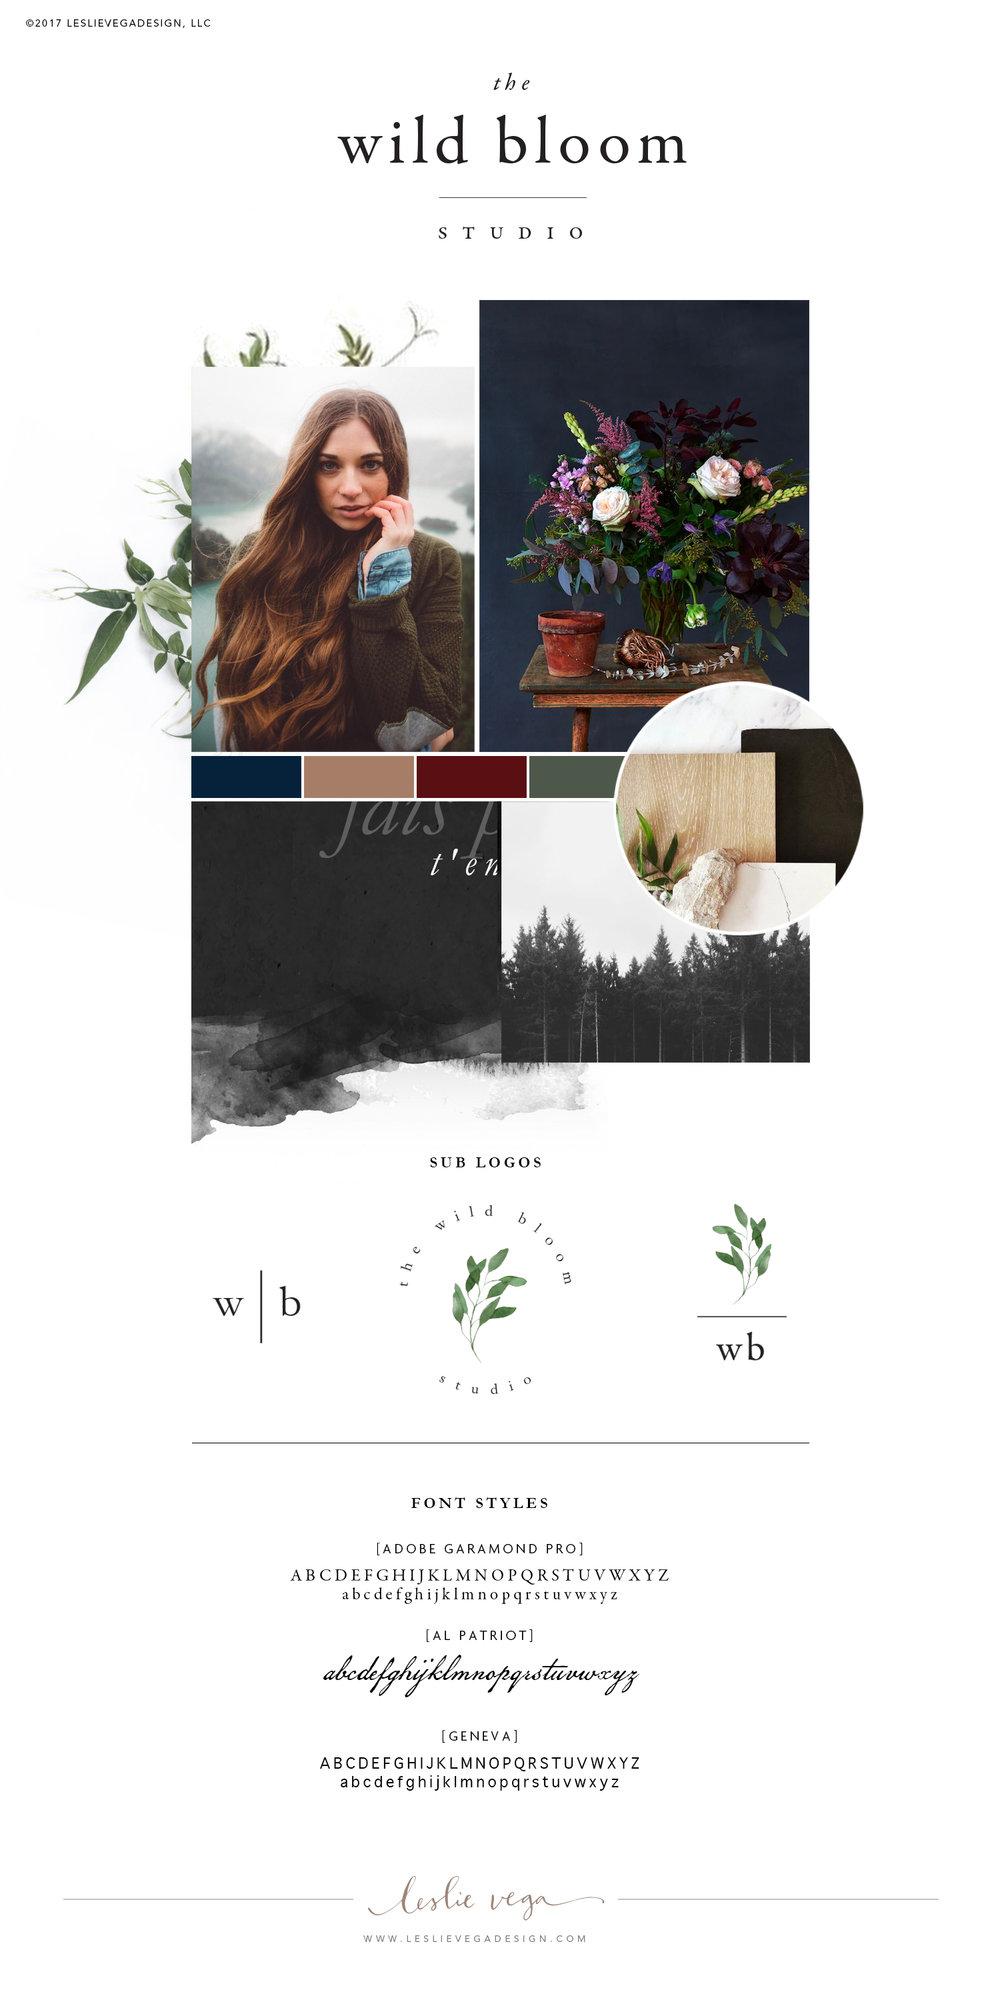 TheWildBloomStudio_BrandGuide.jpg